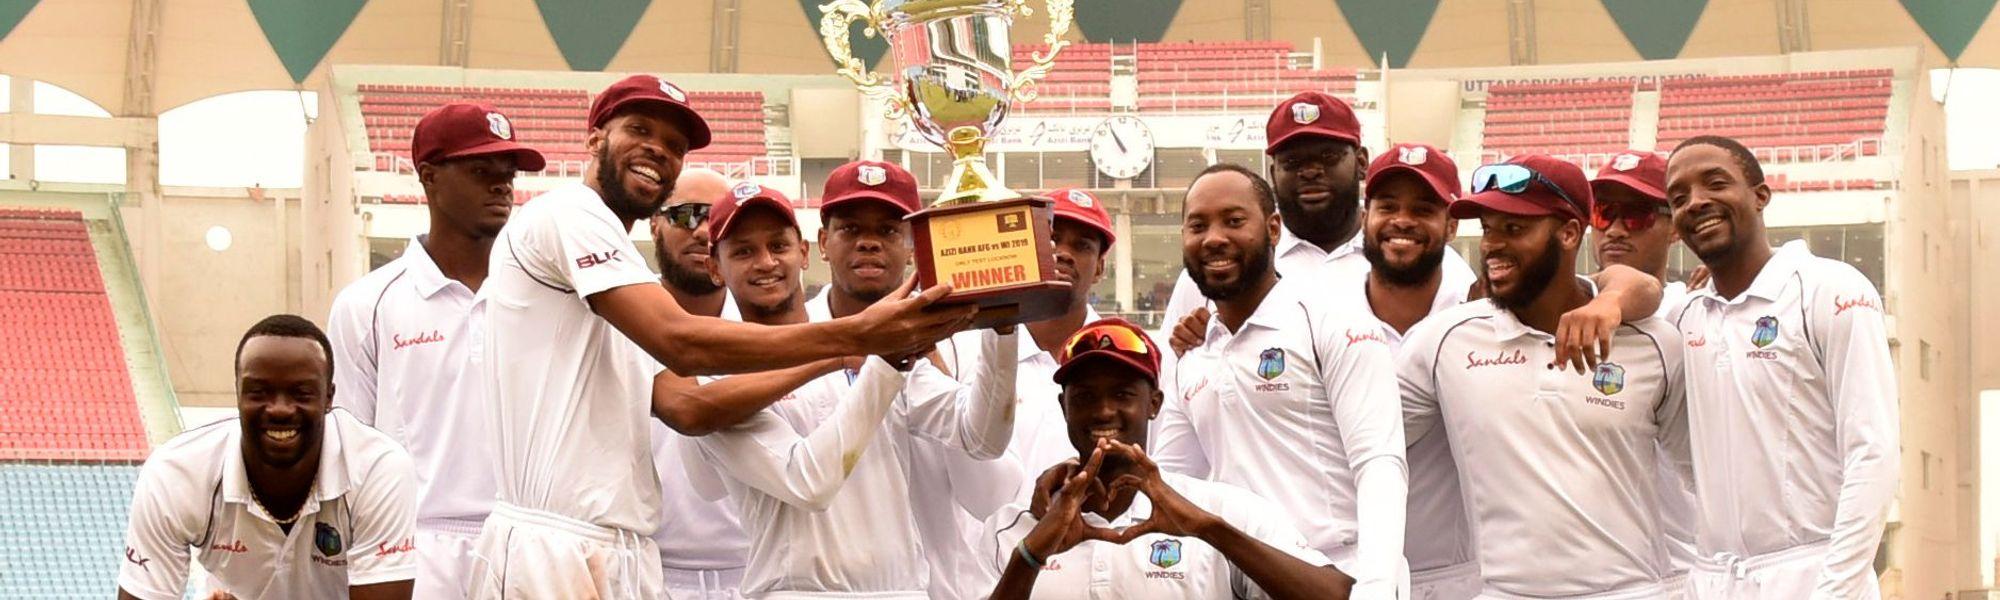 West Indies Winners